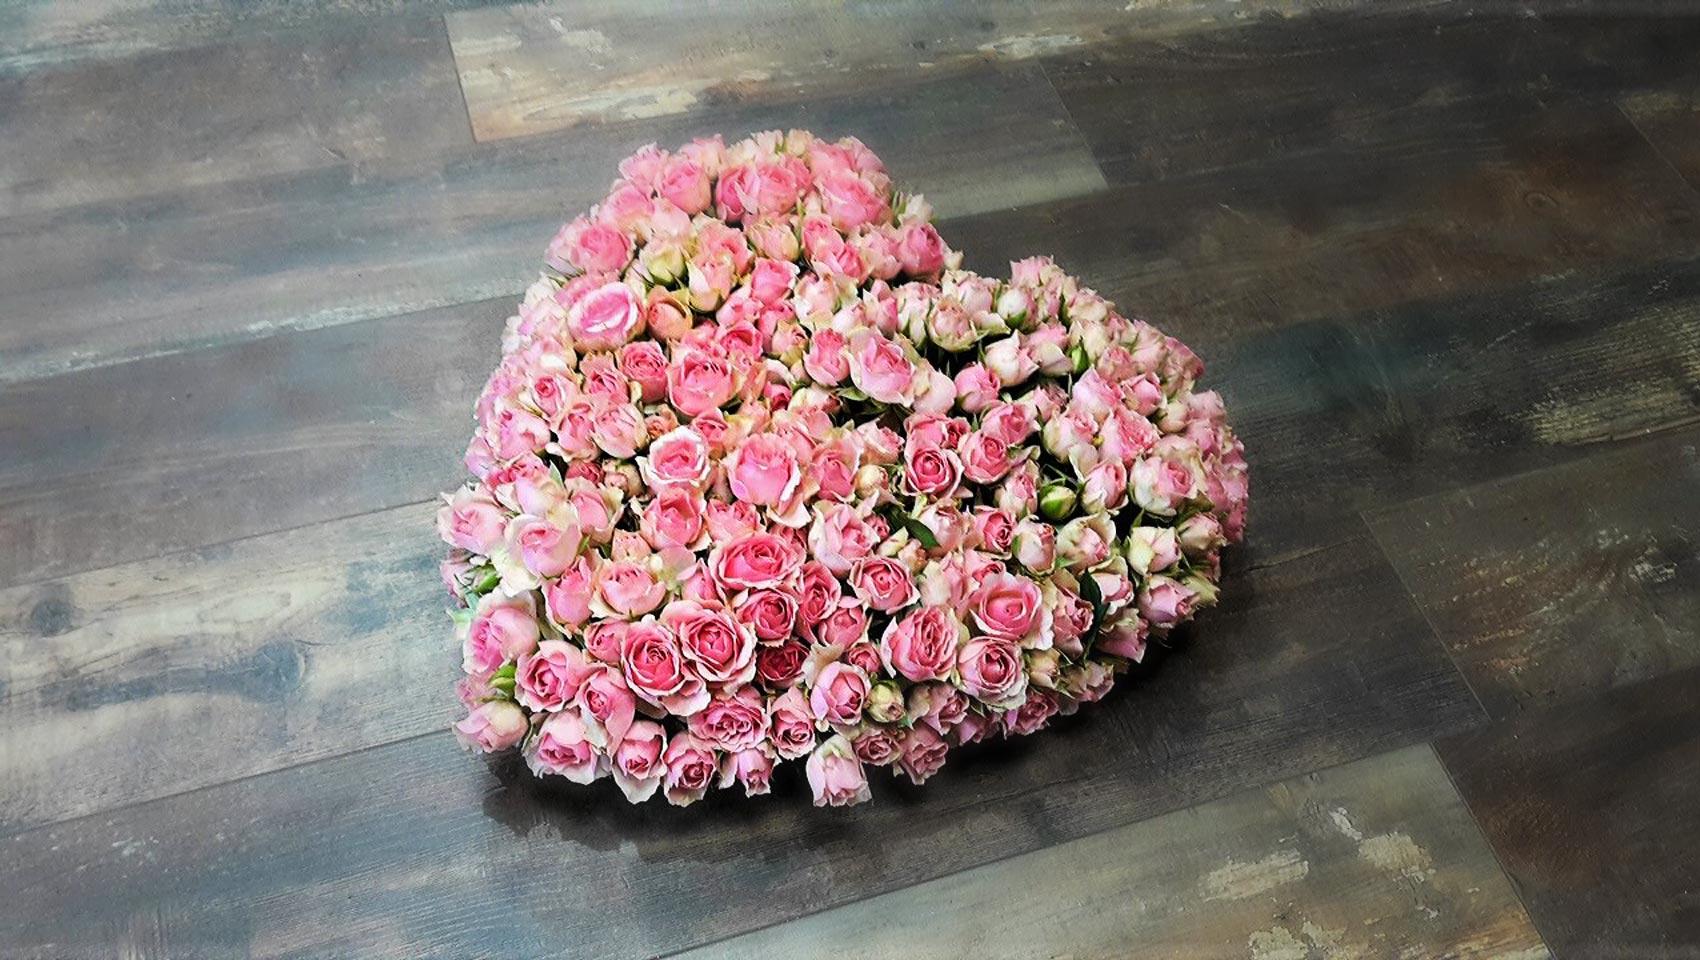 bouquet-de-fleurs-forme-de-coeur